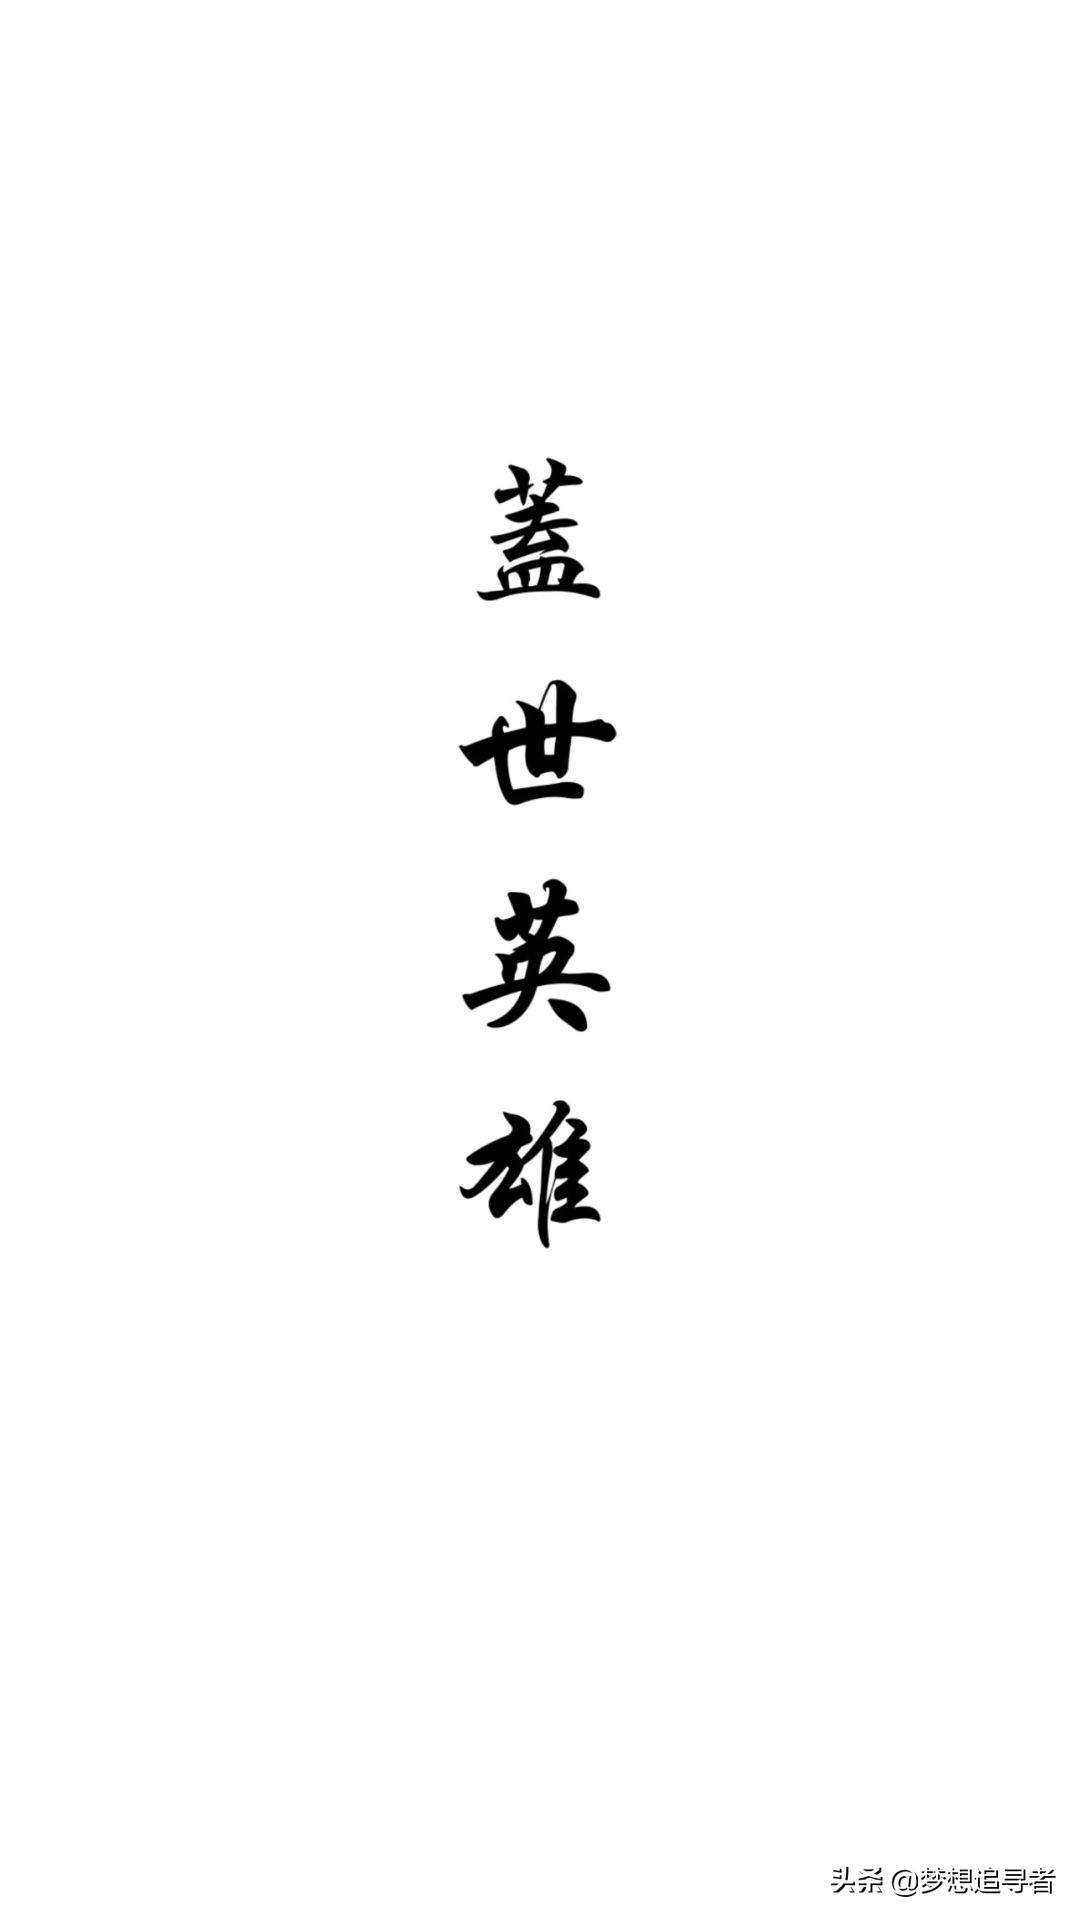 白色底图纯白图片(纯白背景图片素材大全) 网络快讯 第2张